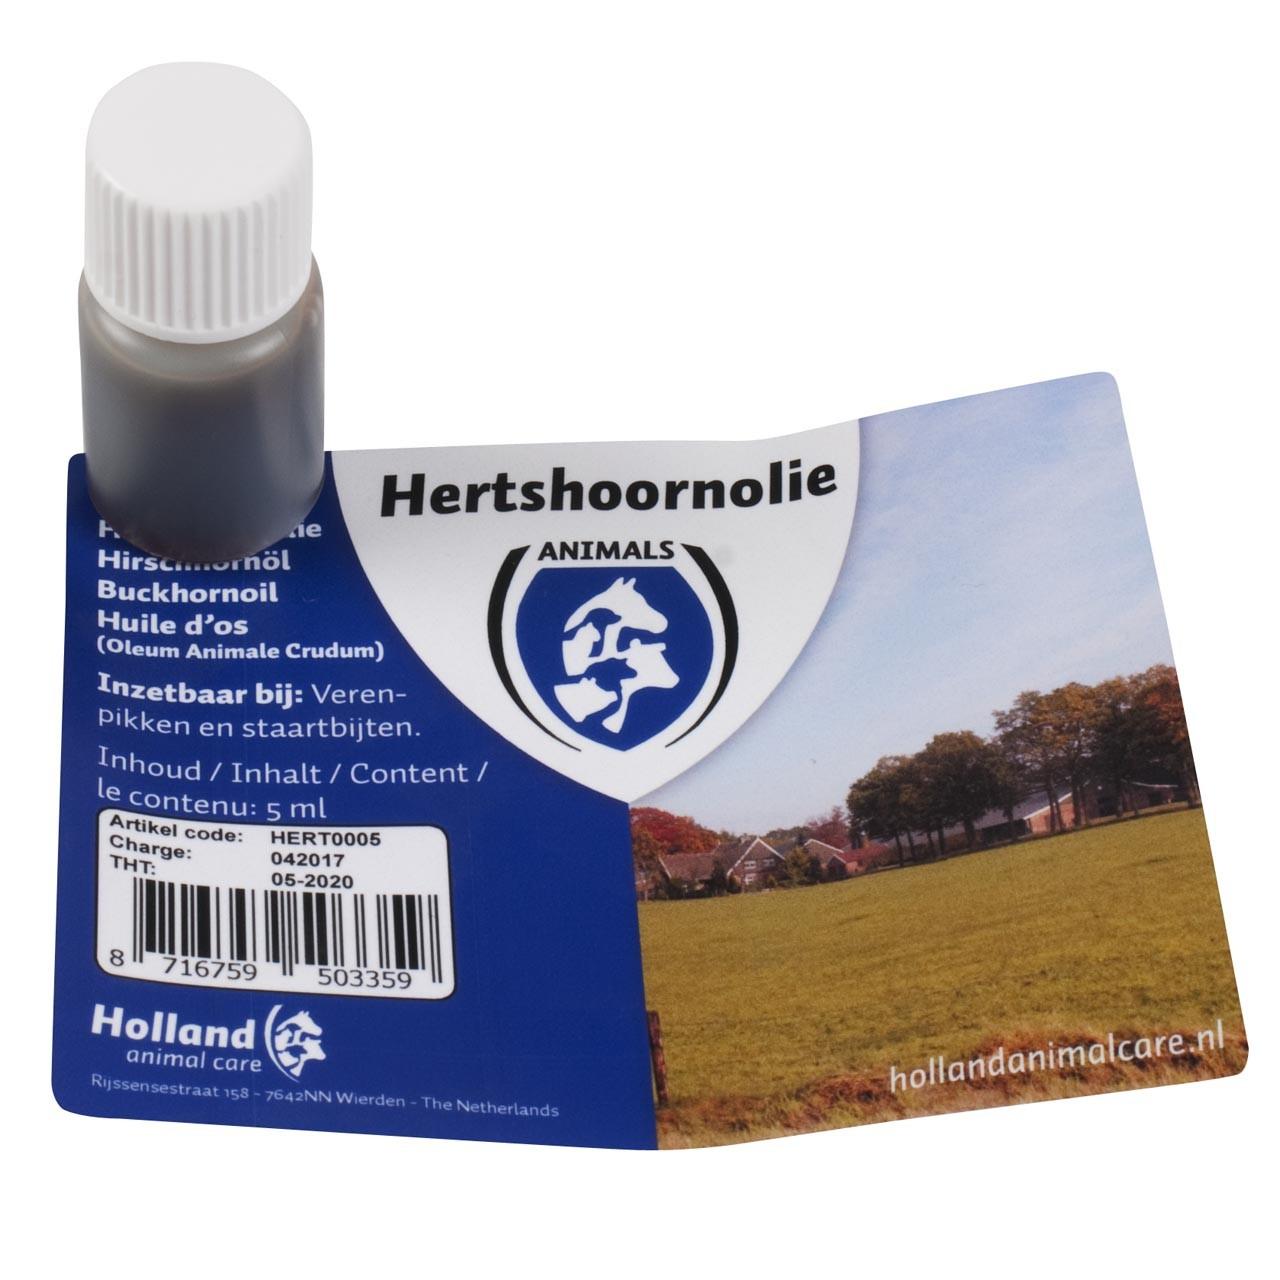 Hertshoornolie